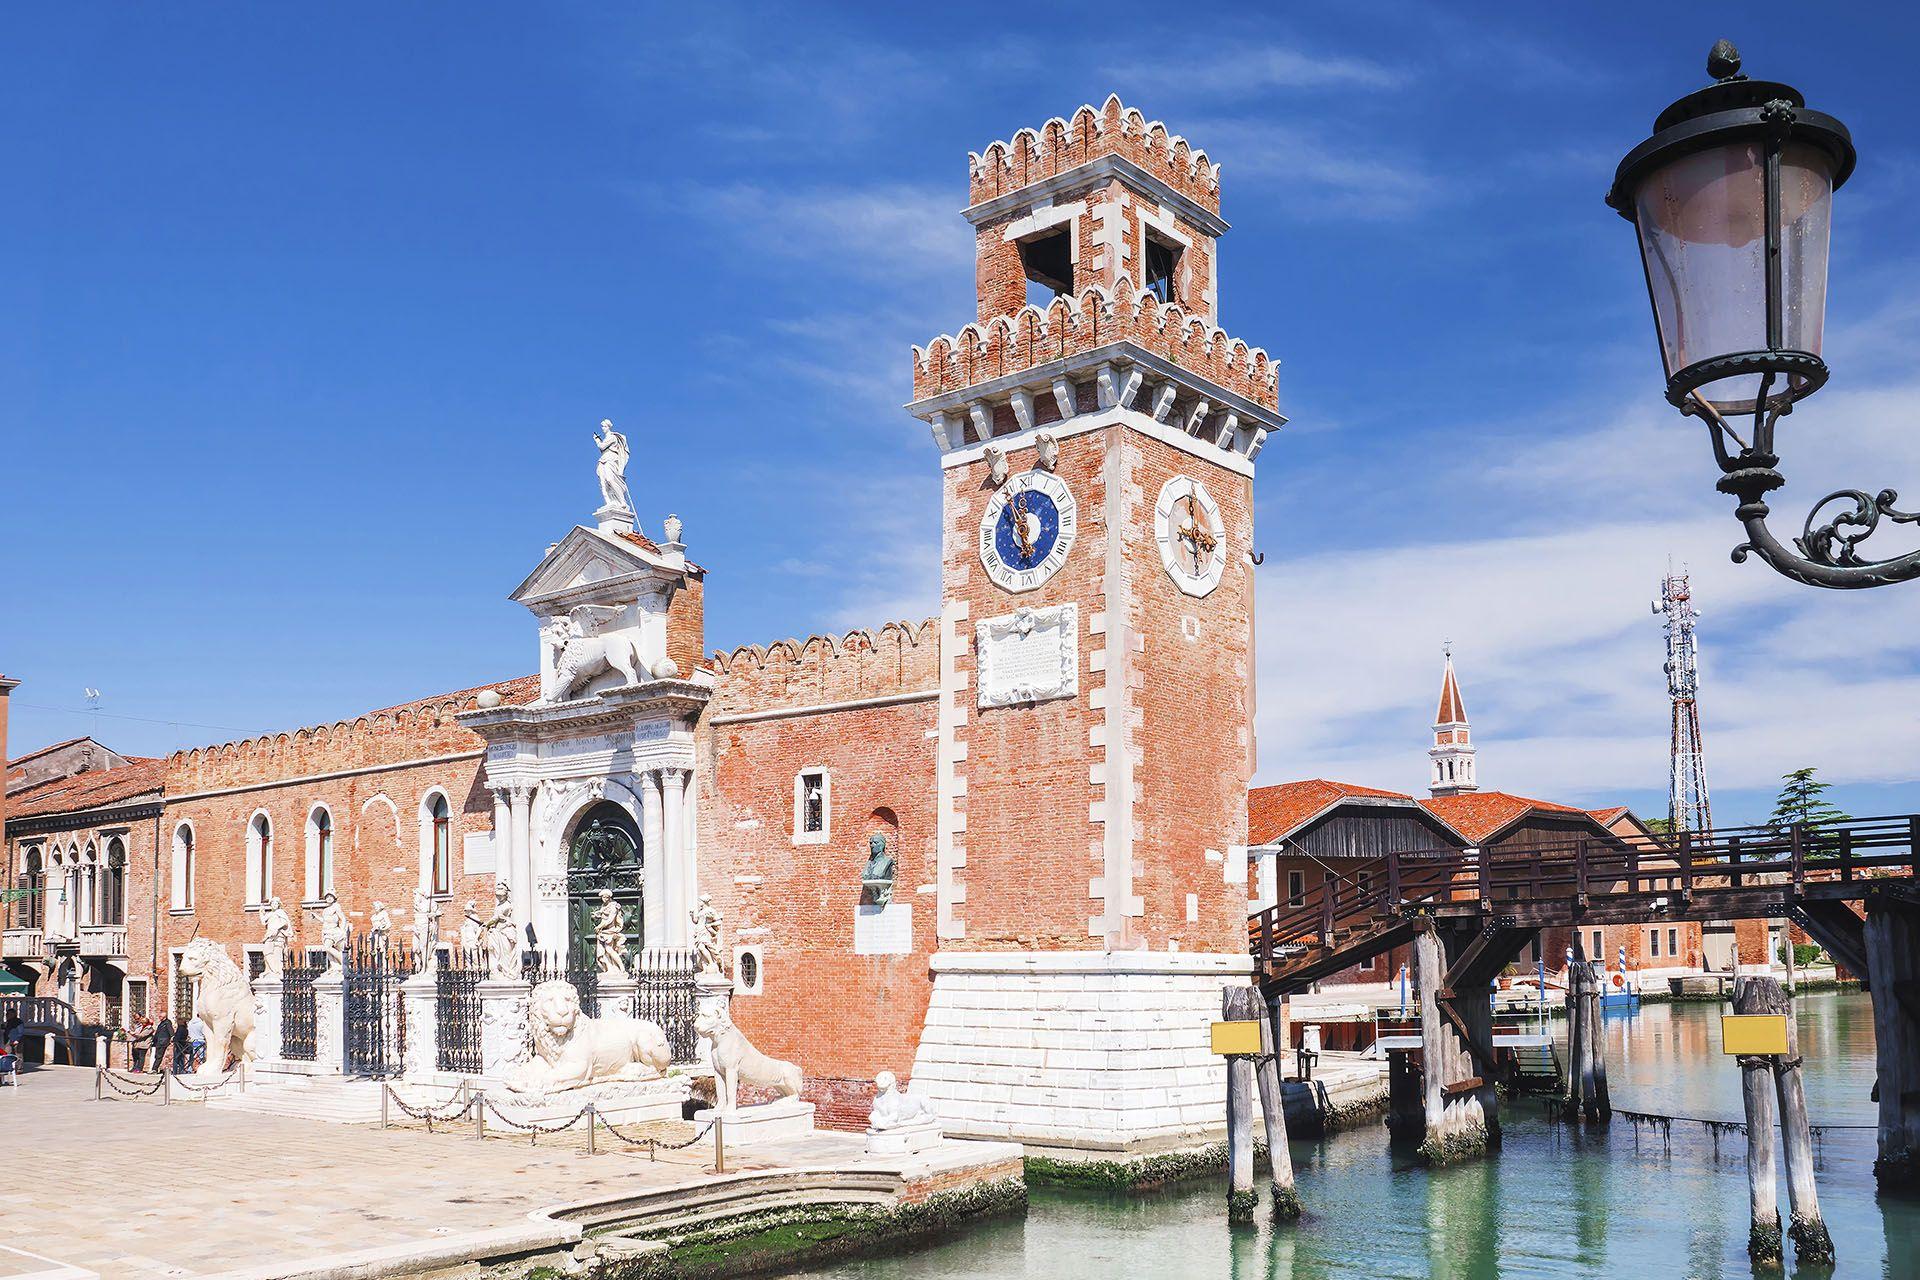 Arsenale della Biennale di Venezia